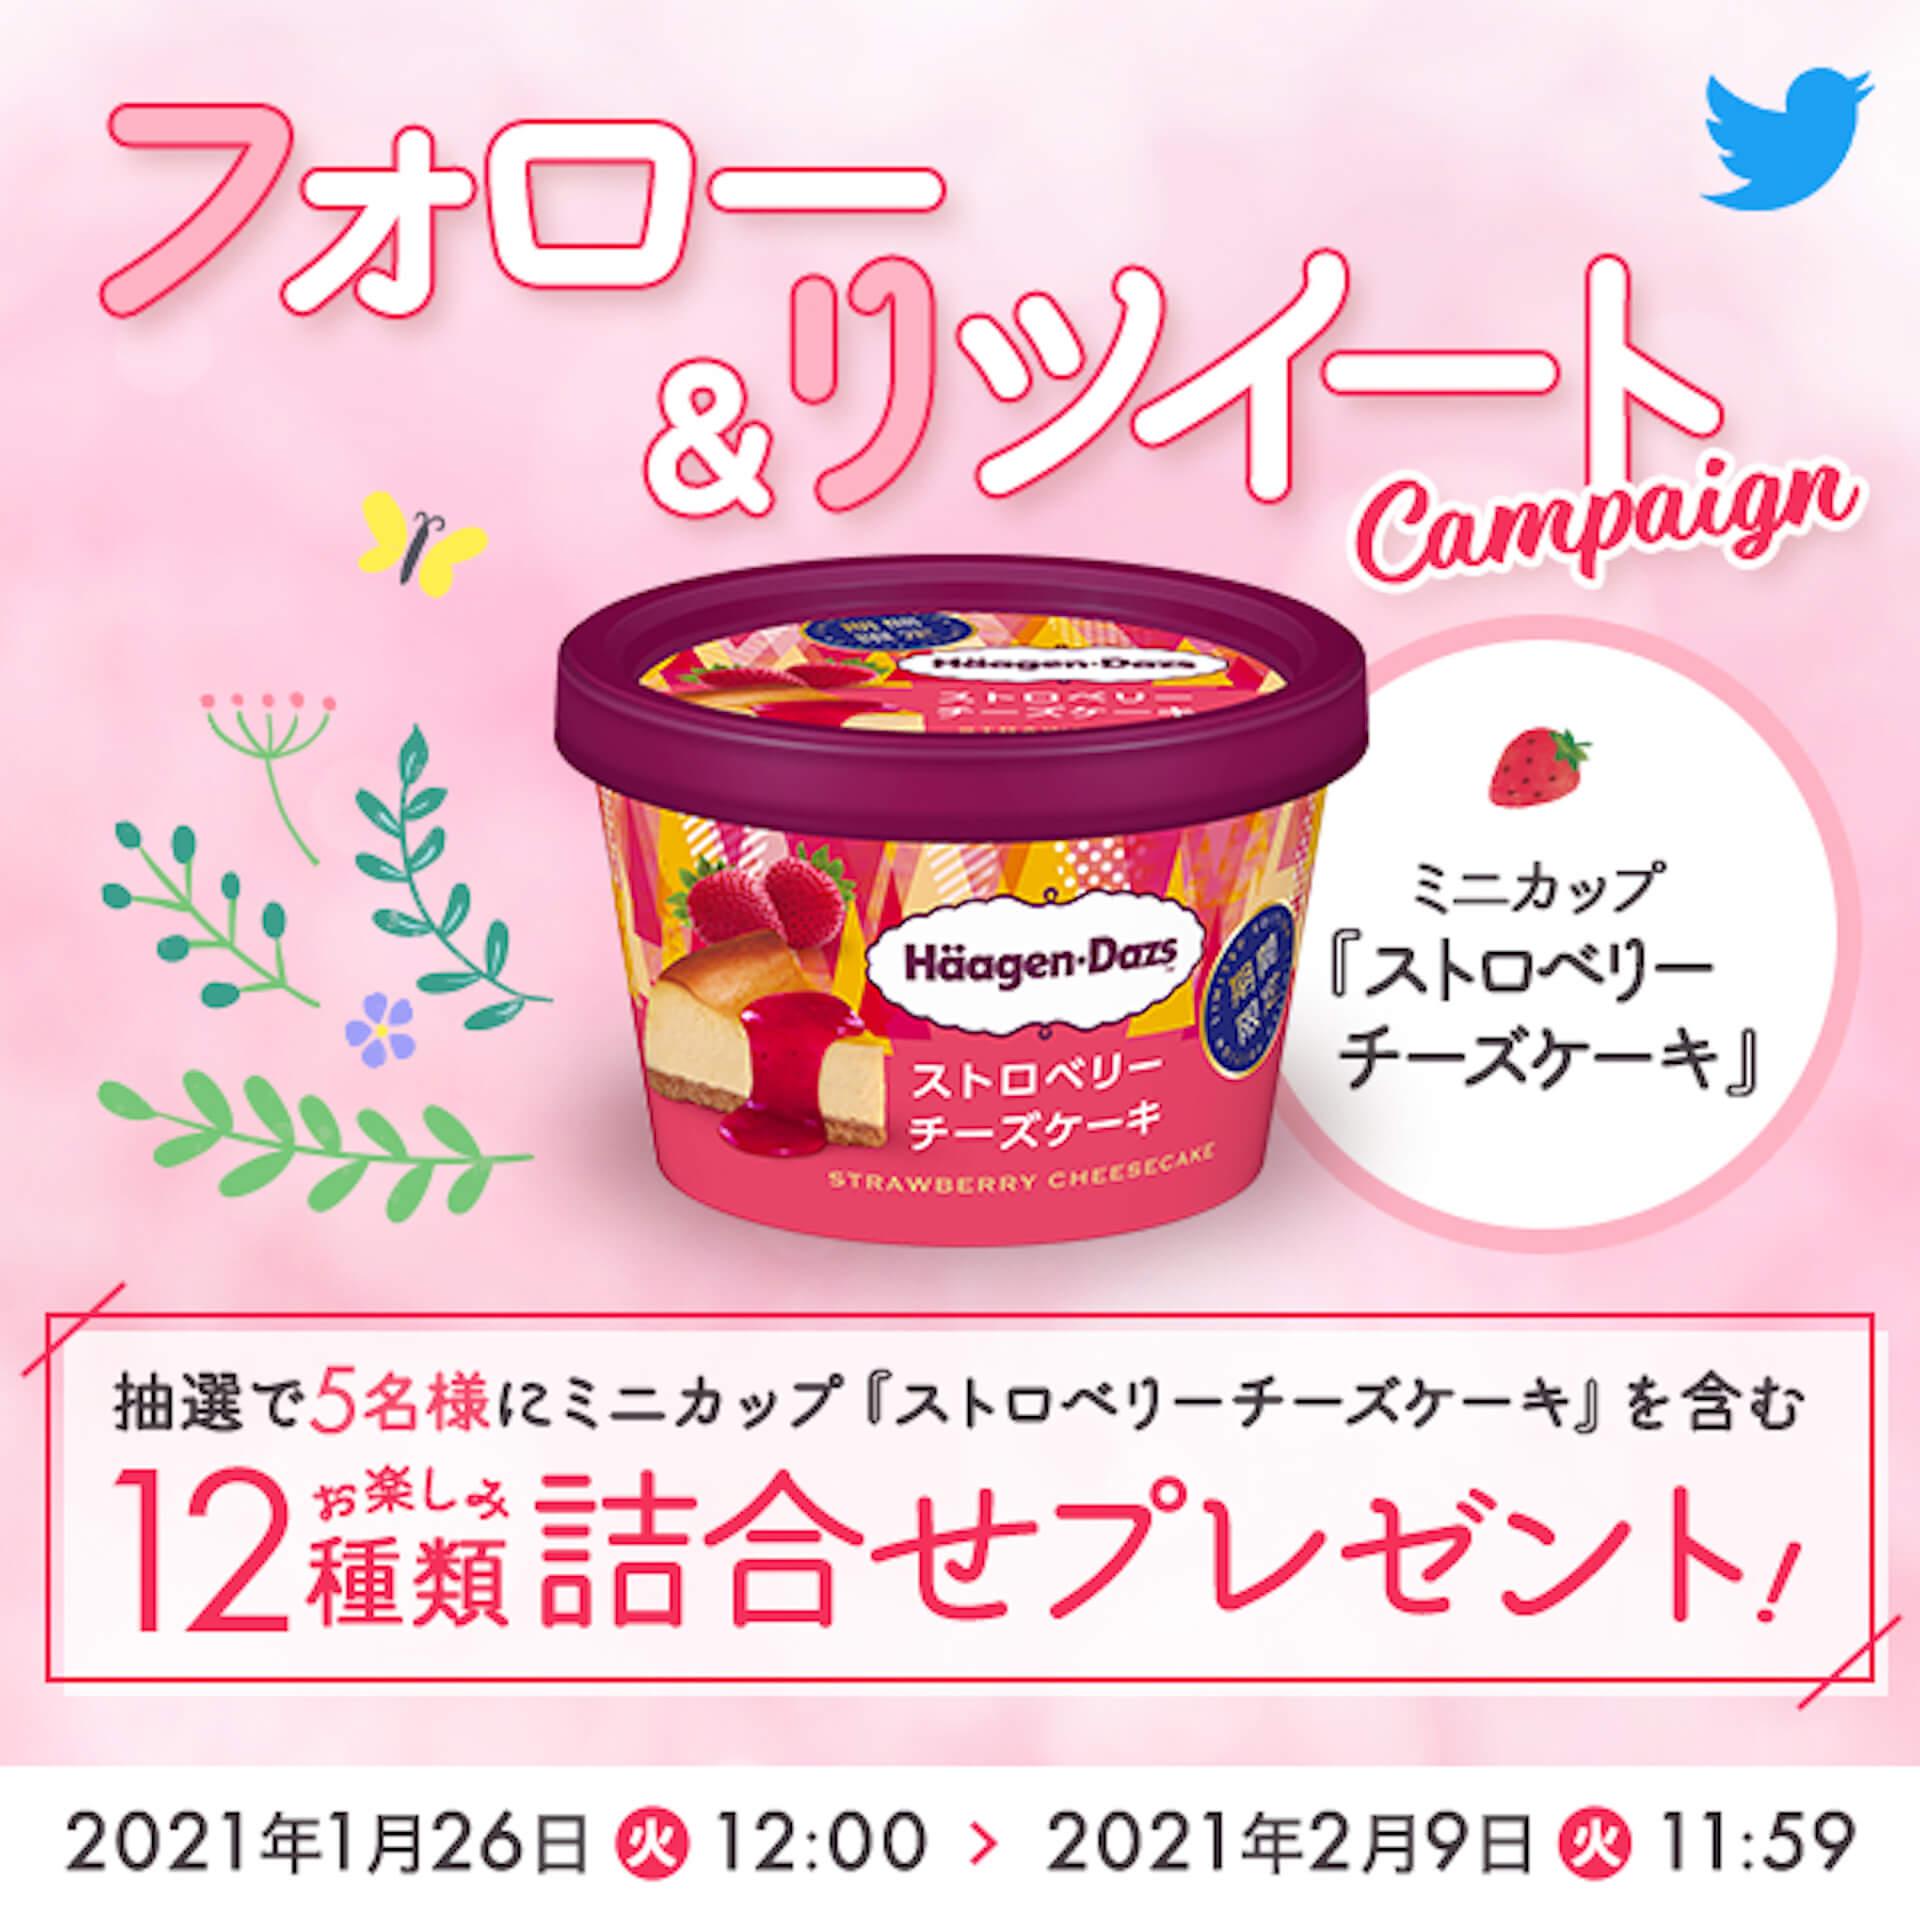 ハーゲンダッツの新フレーバー『ストロベリーチーズケーキ』が期間限定で登場!Twitterでアイスクリーム詰め合わせがもらえるキャンペーンも gourmet210125_haagendazs_9